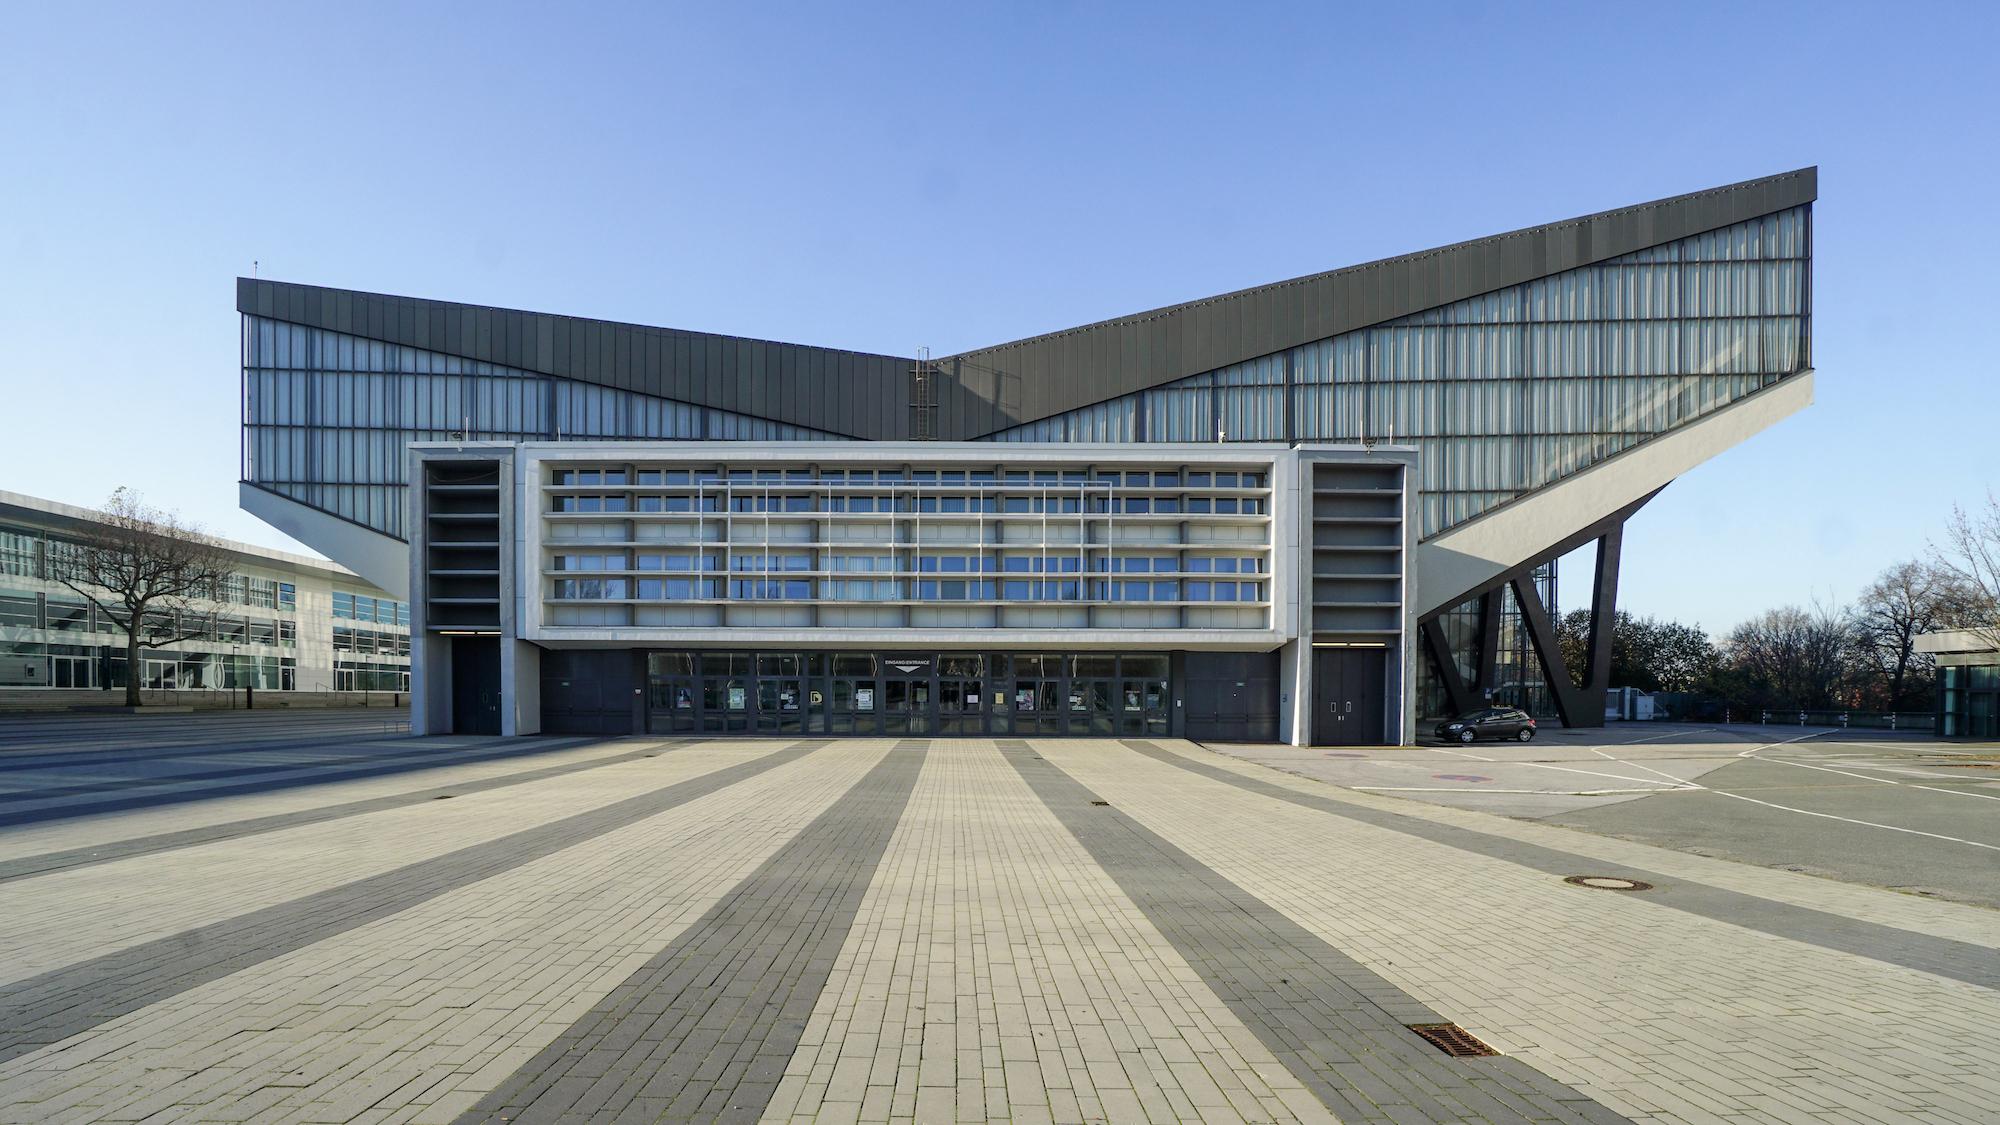 frontale Ansicht der Grugahalle in Essen-Rüttenscheid